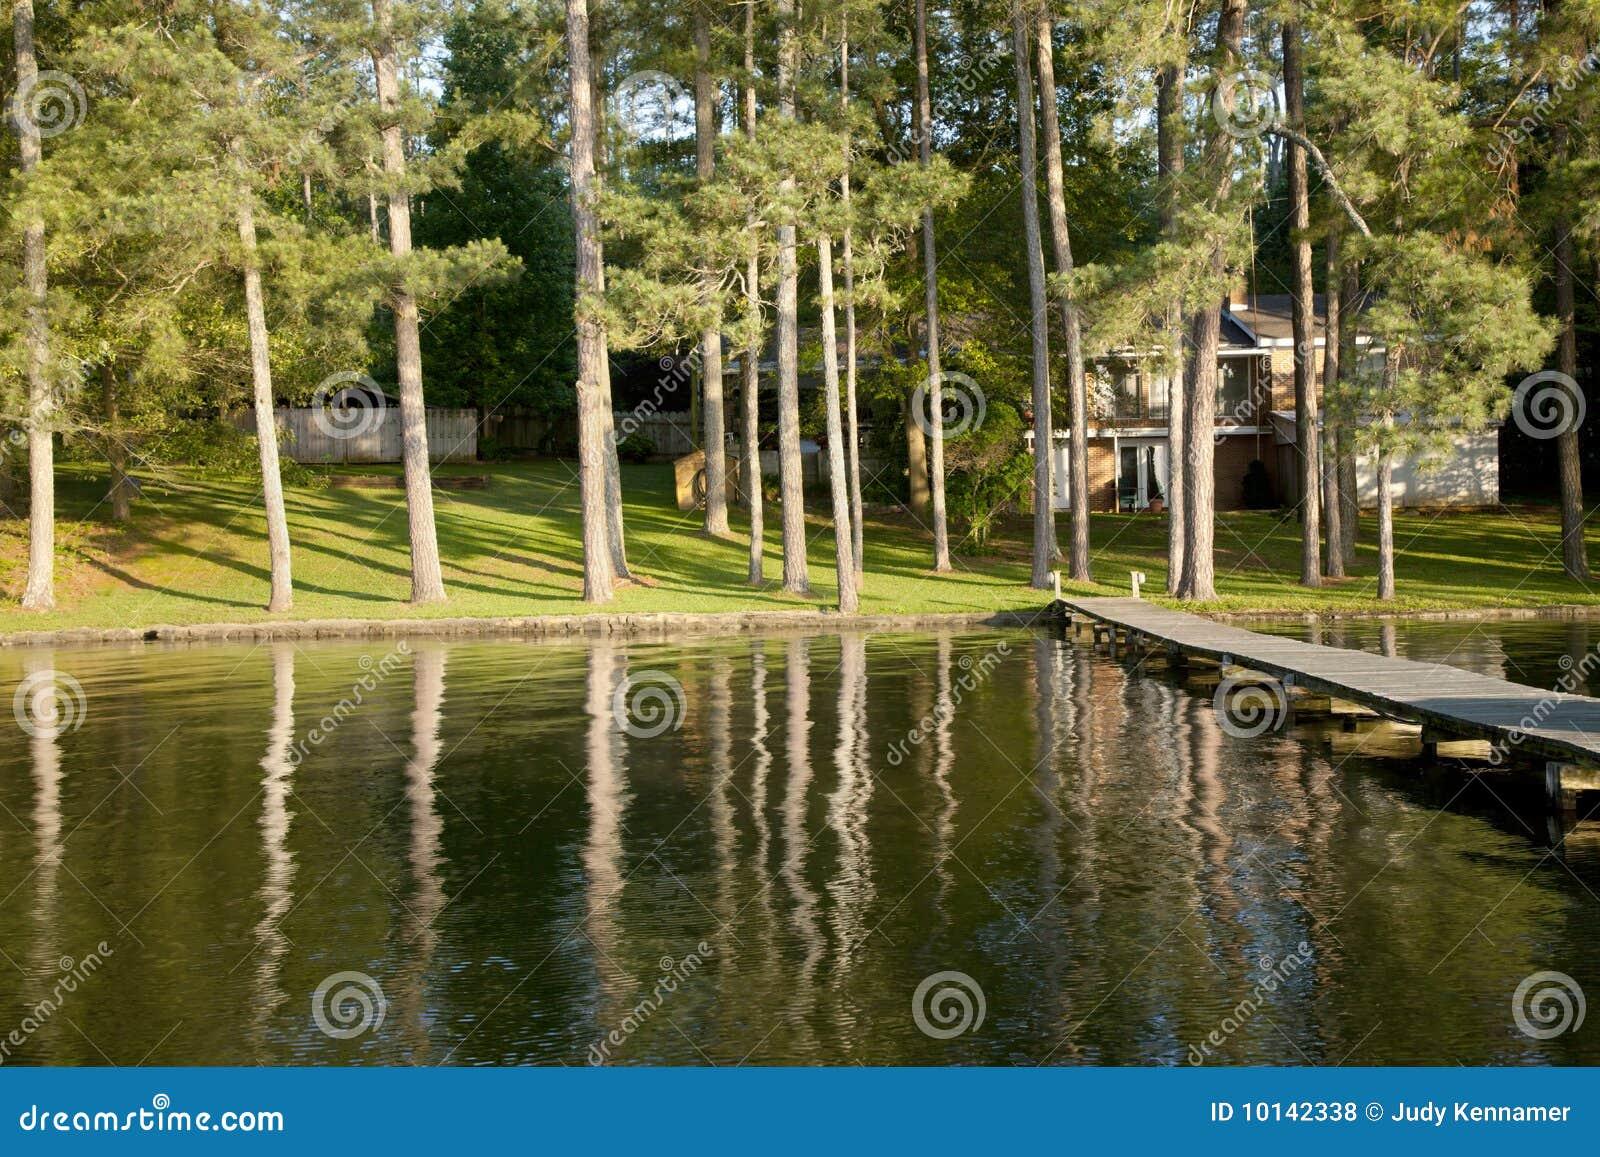 Autoguidez le bord du lac